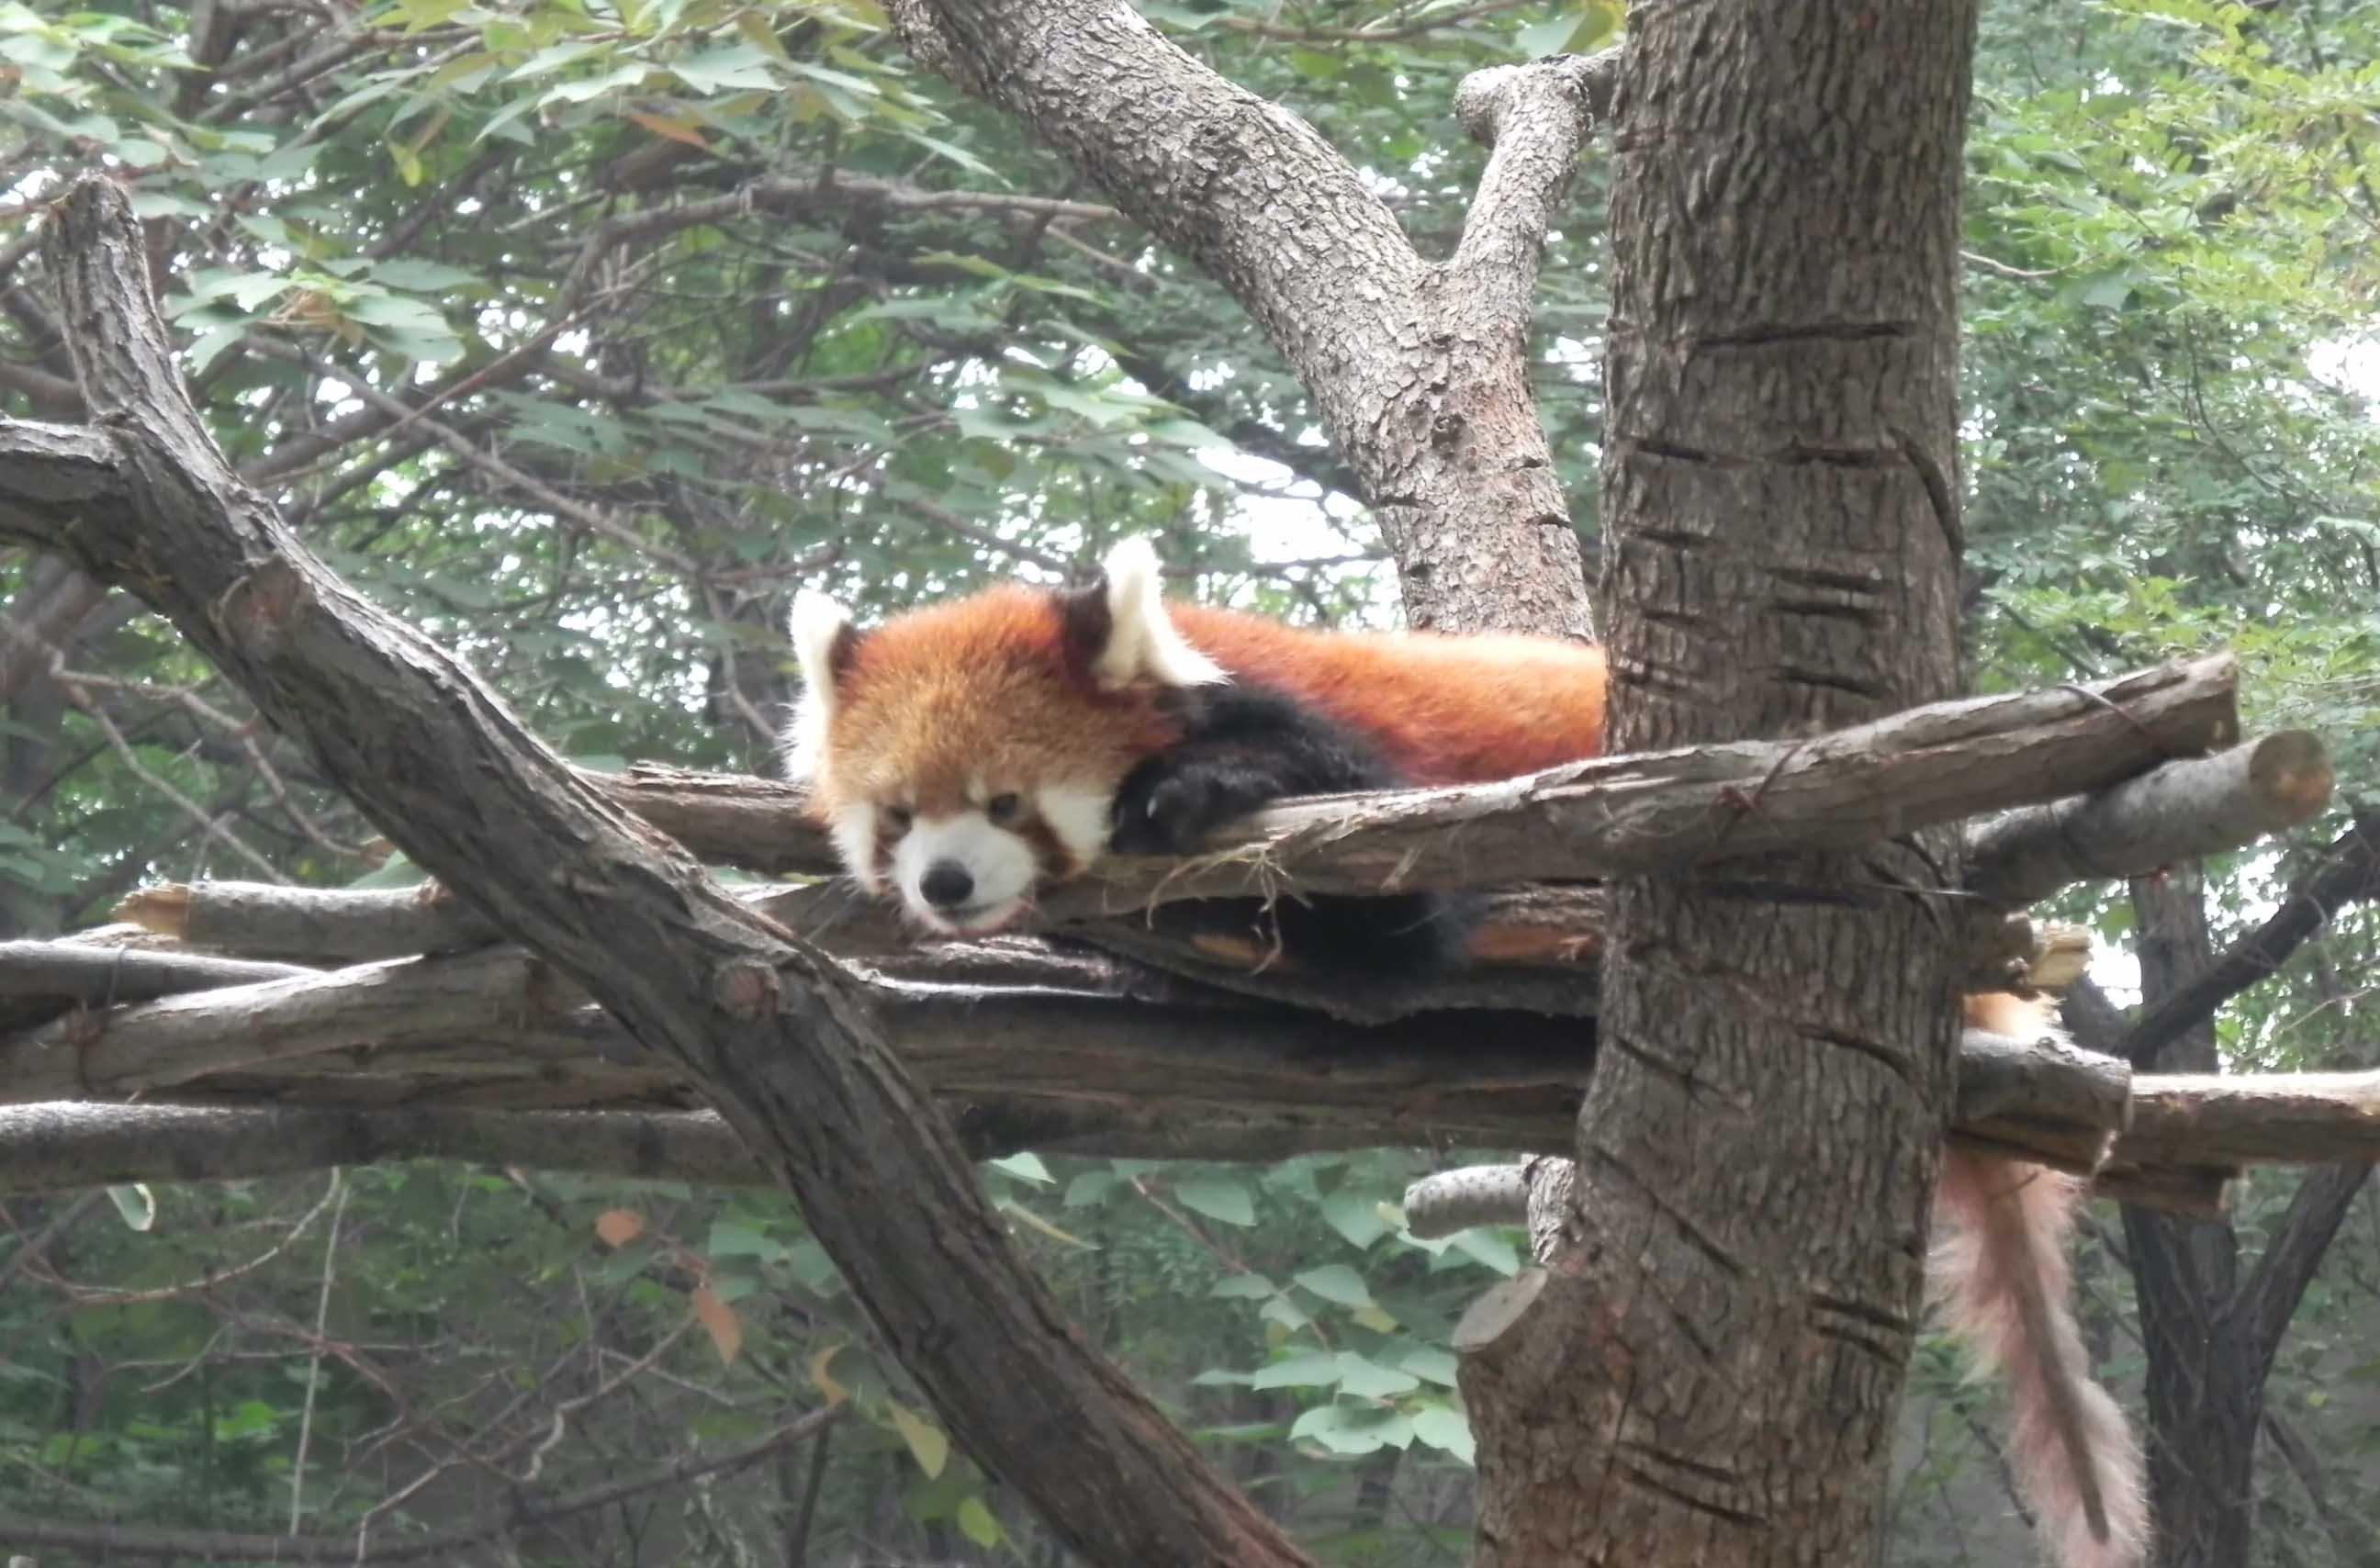 【携程攻略】山东南山公园动物园景点